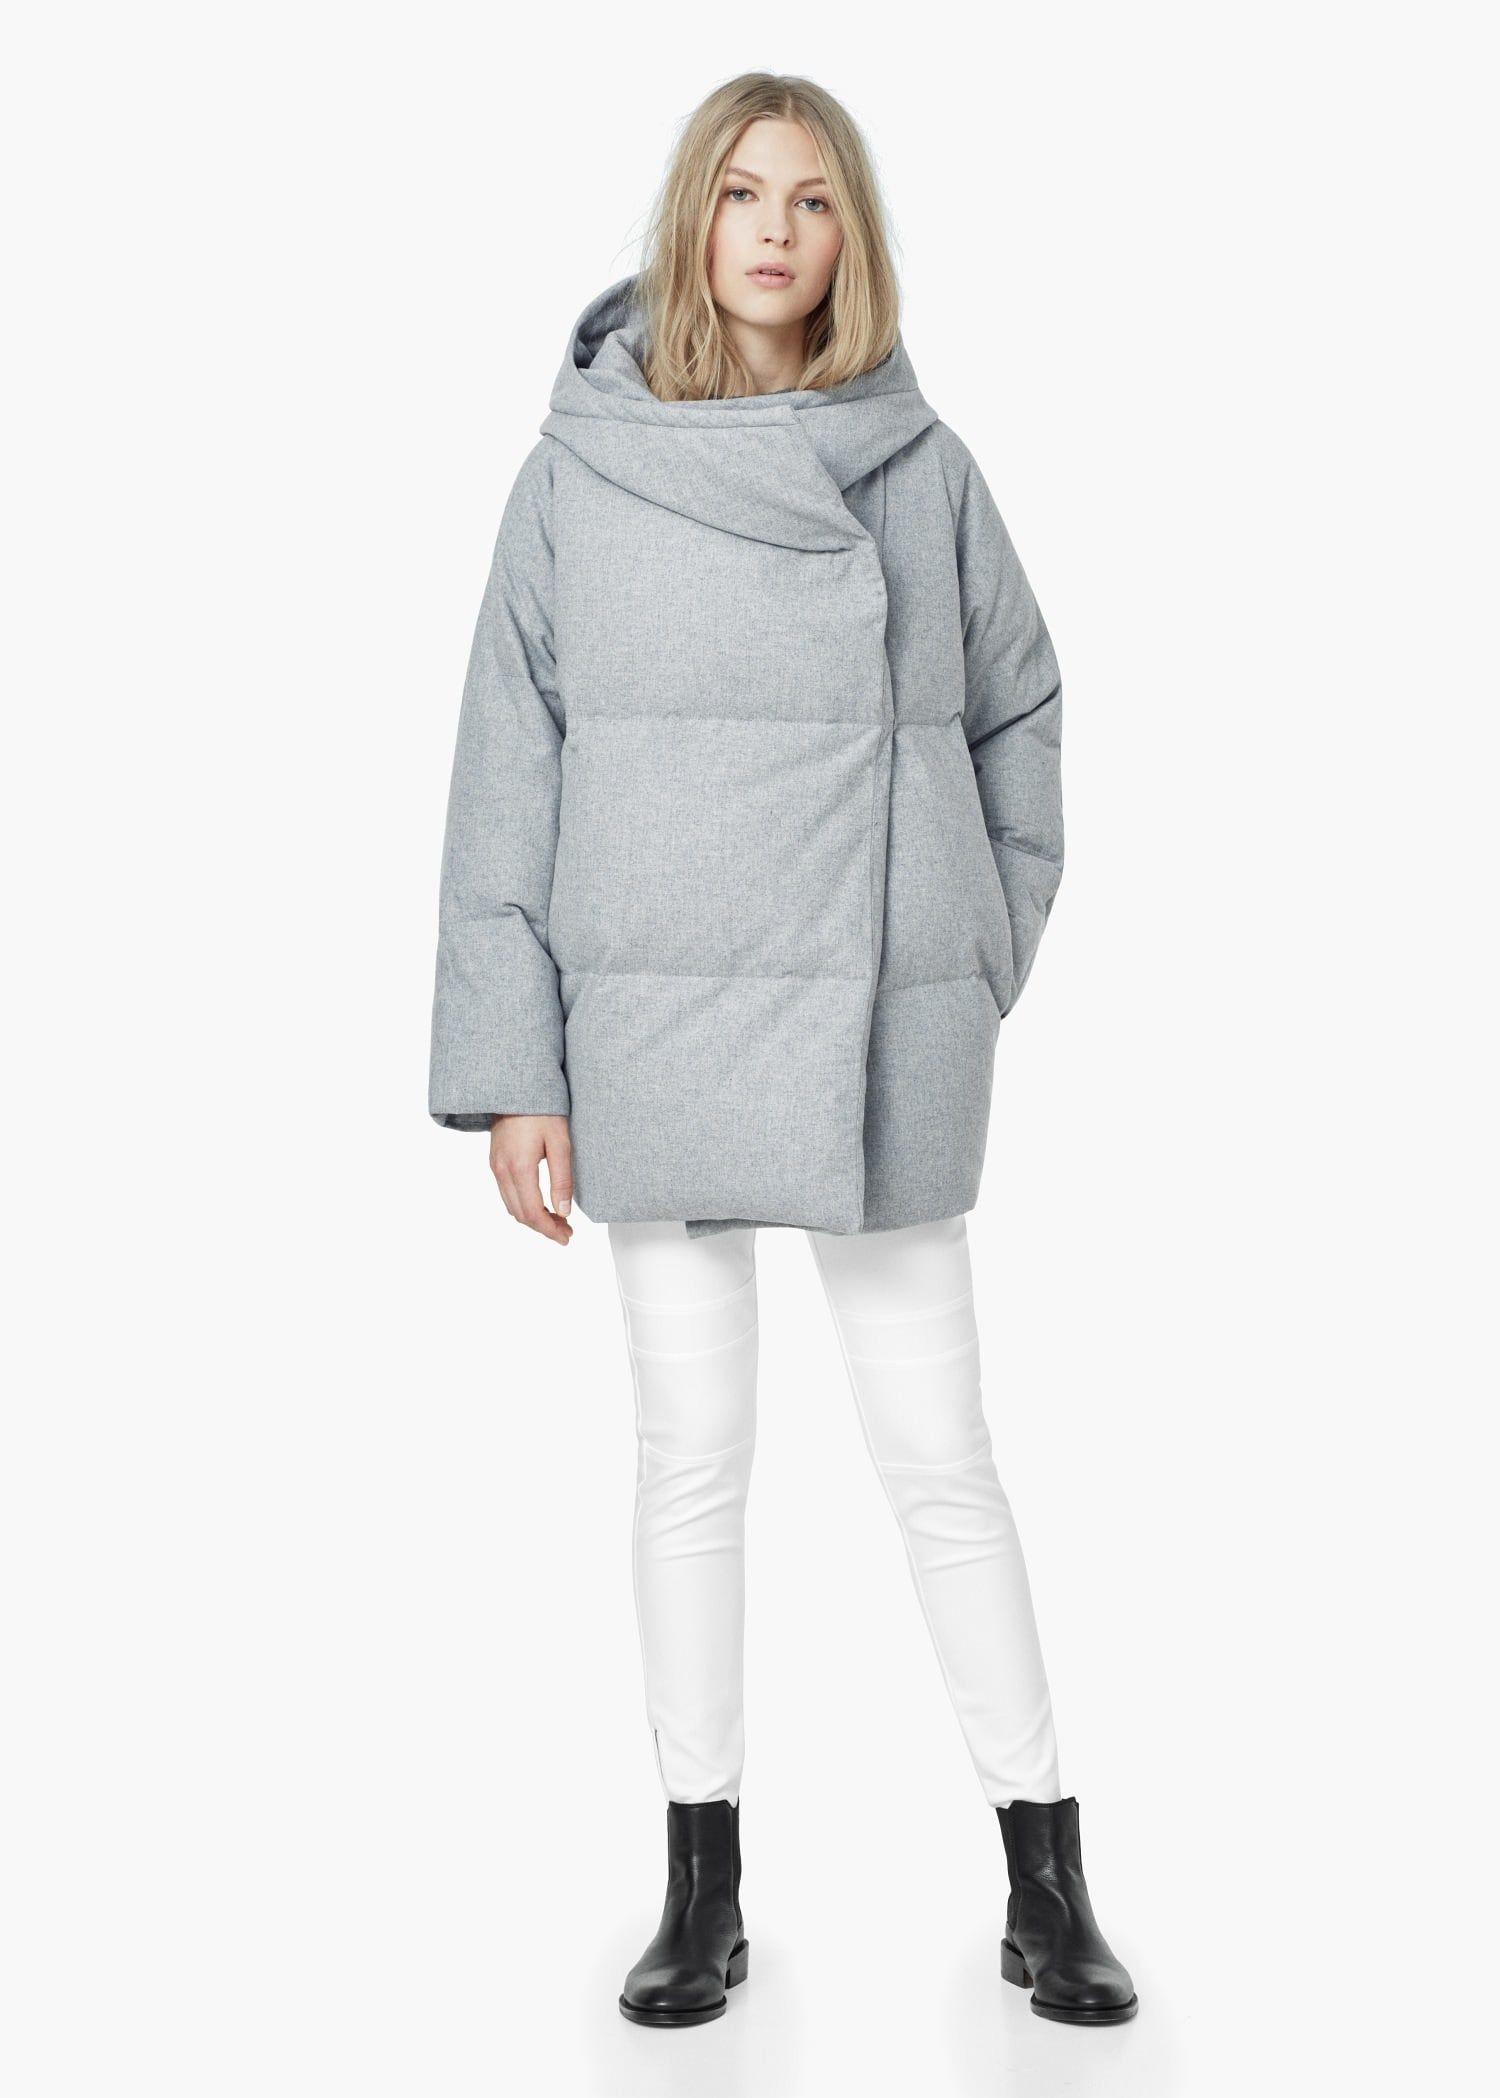 Стеганый анорак-пуховик - Женская в 2019 г.   пальто   Coat, Feather ... bf3f038f64e